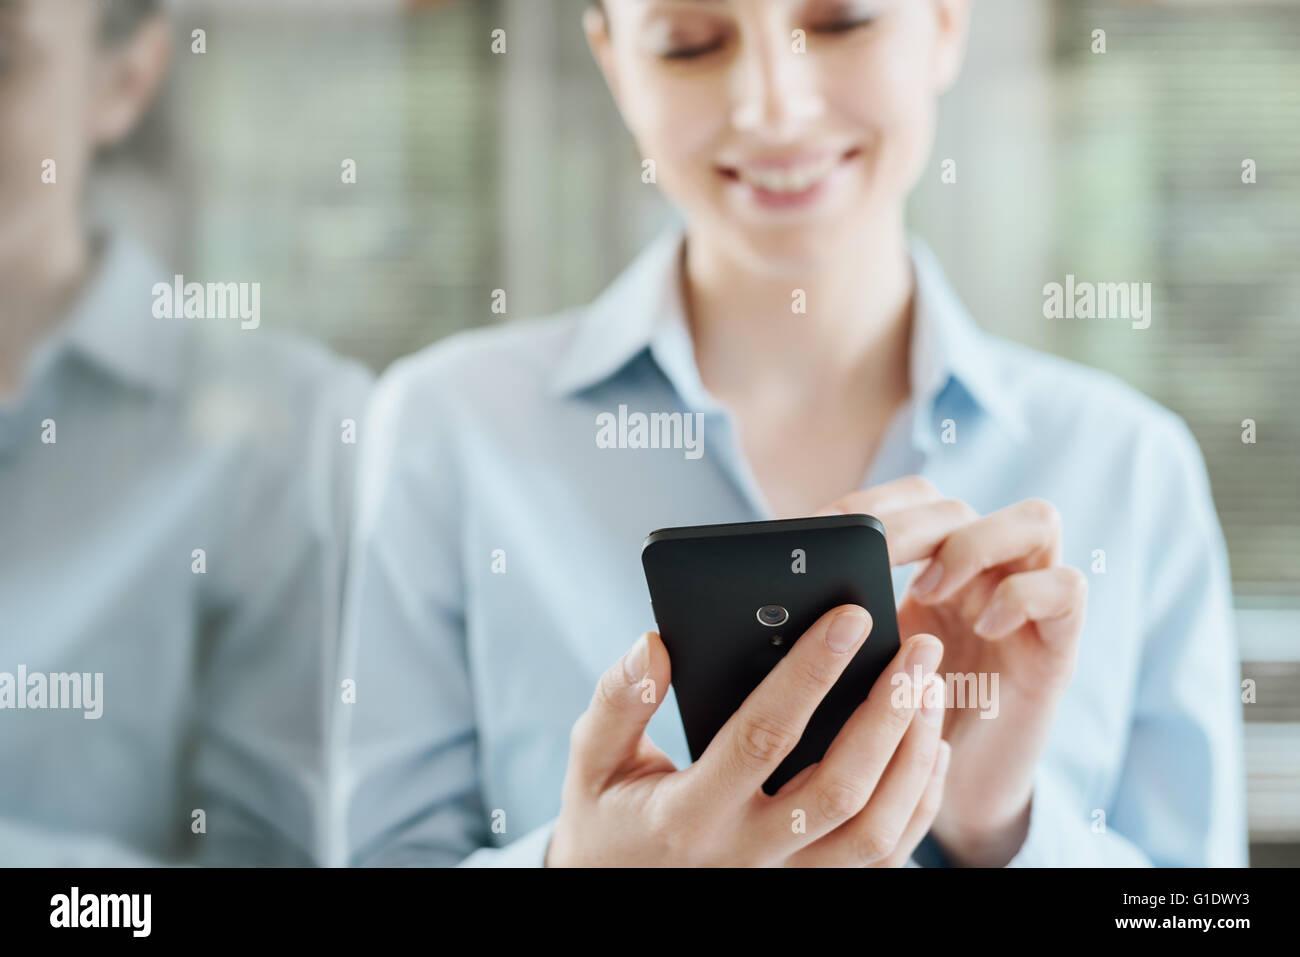 Belle jeune femme à l'aide d'un smart phone, appuyé sur une fenêtre et reflétant sur Photo Stock